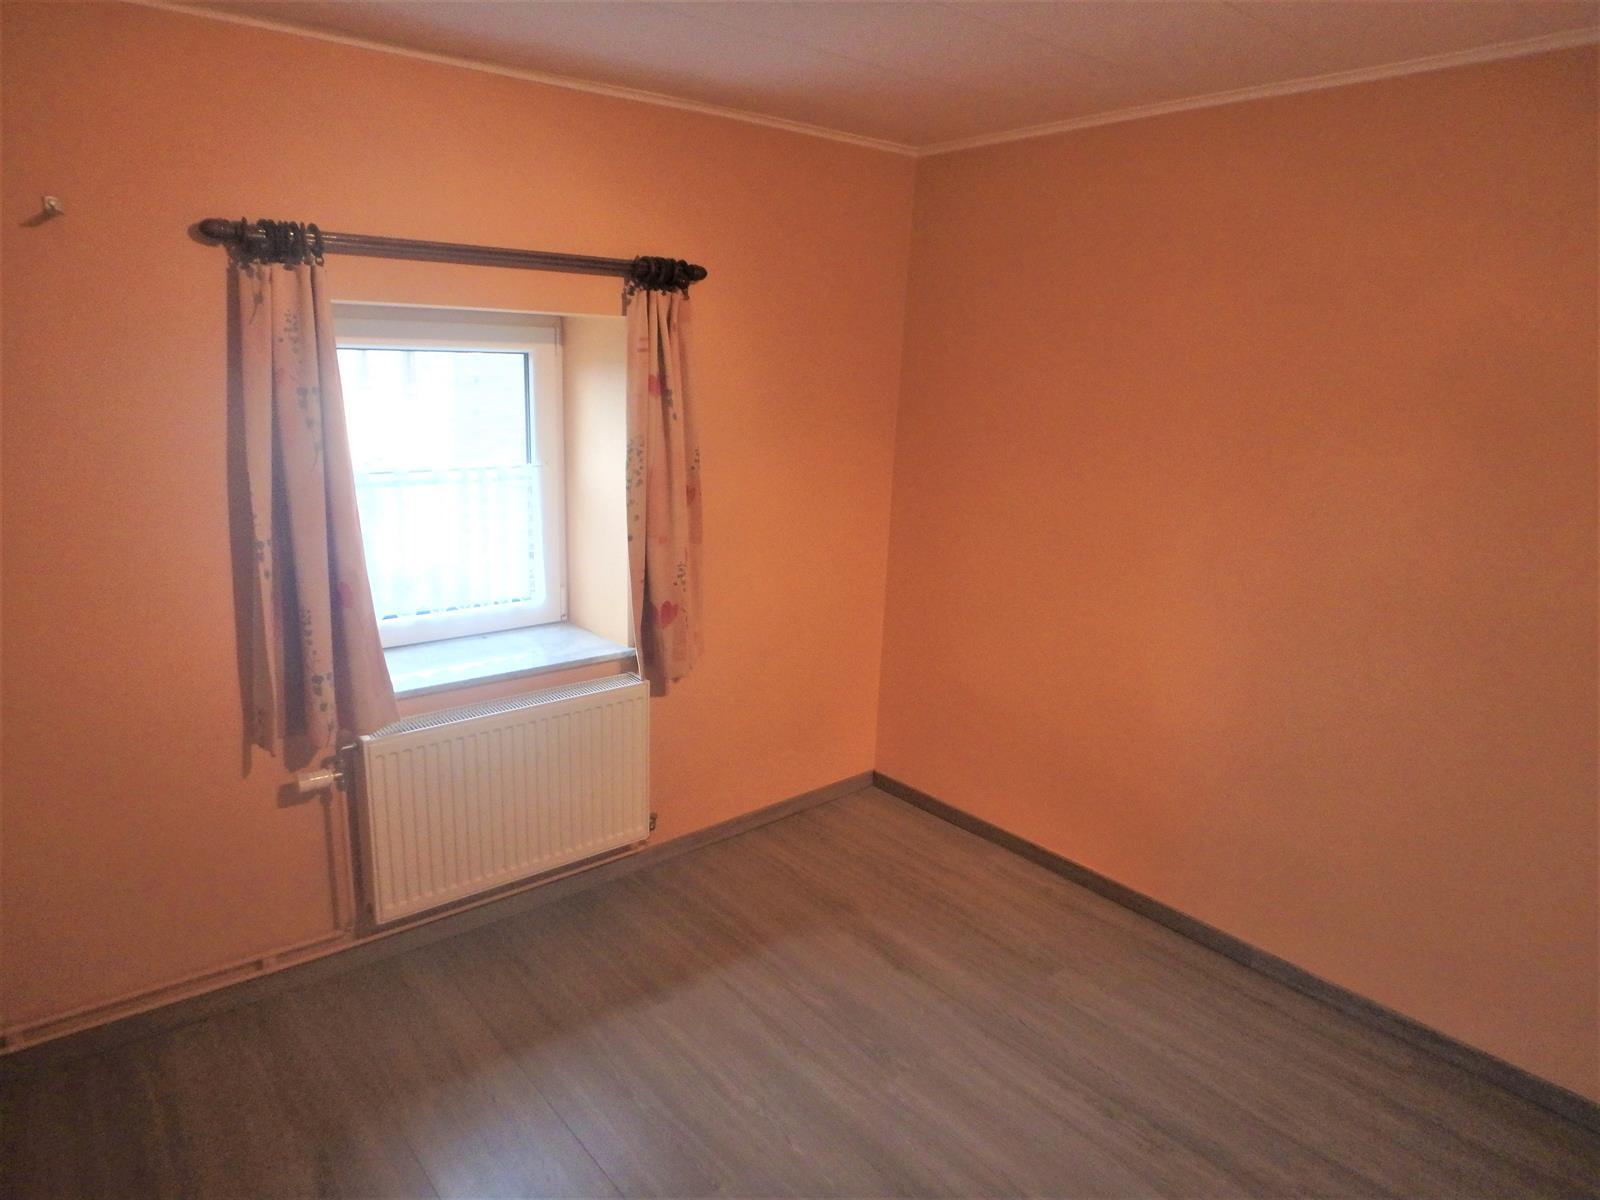 Maison - Villers-le-Bouillet - #4370115-10